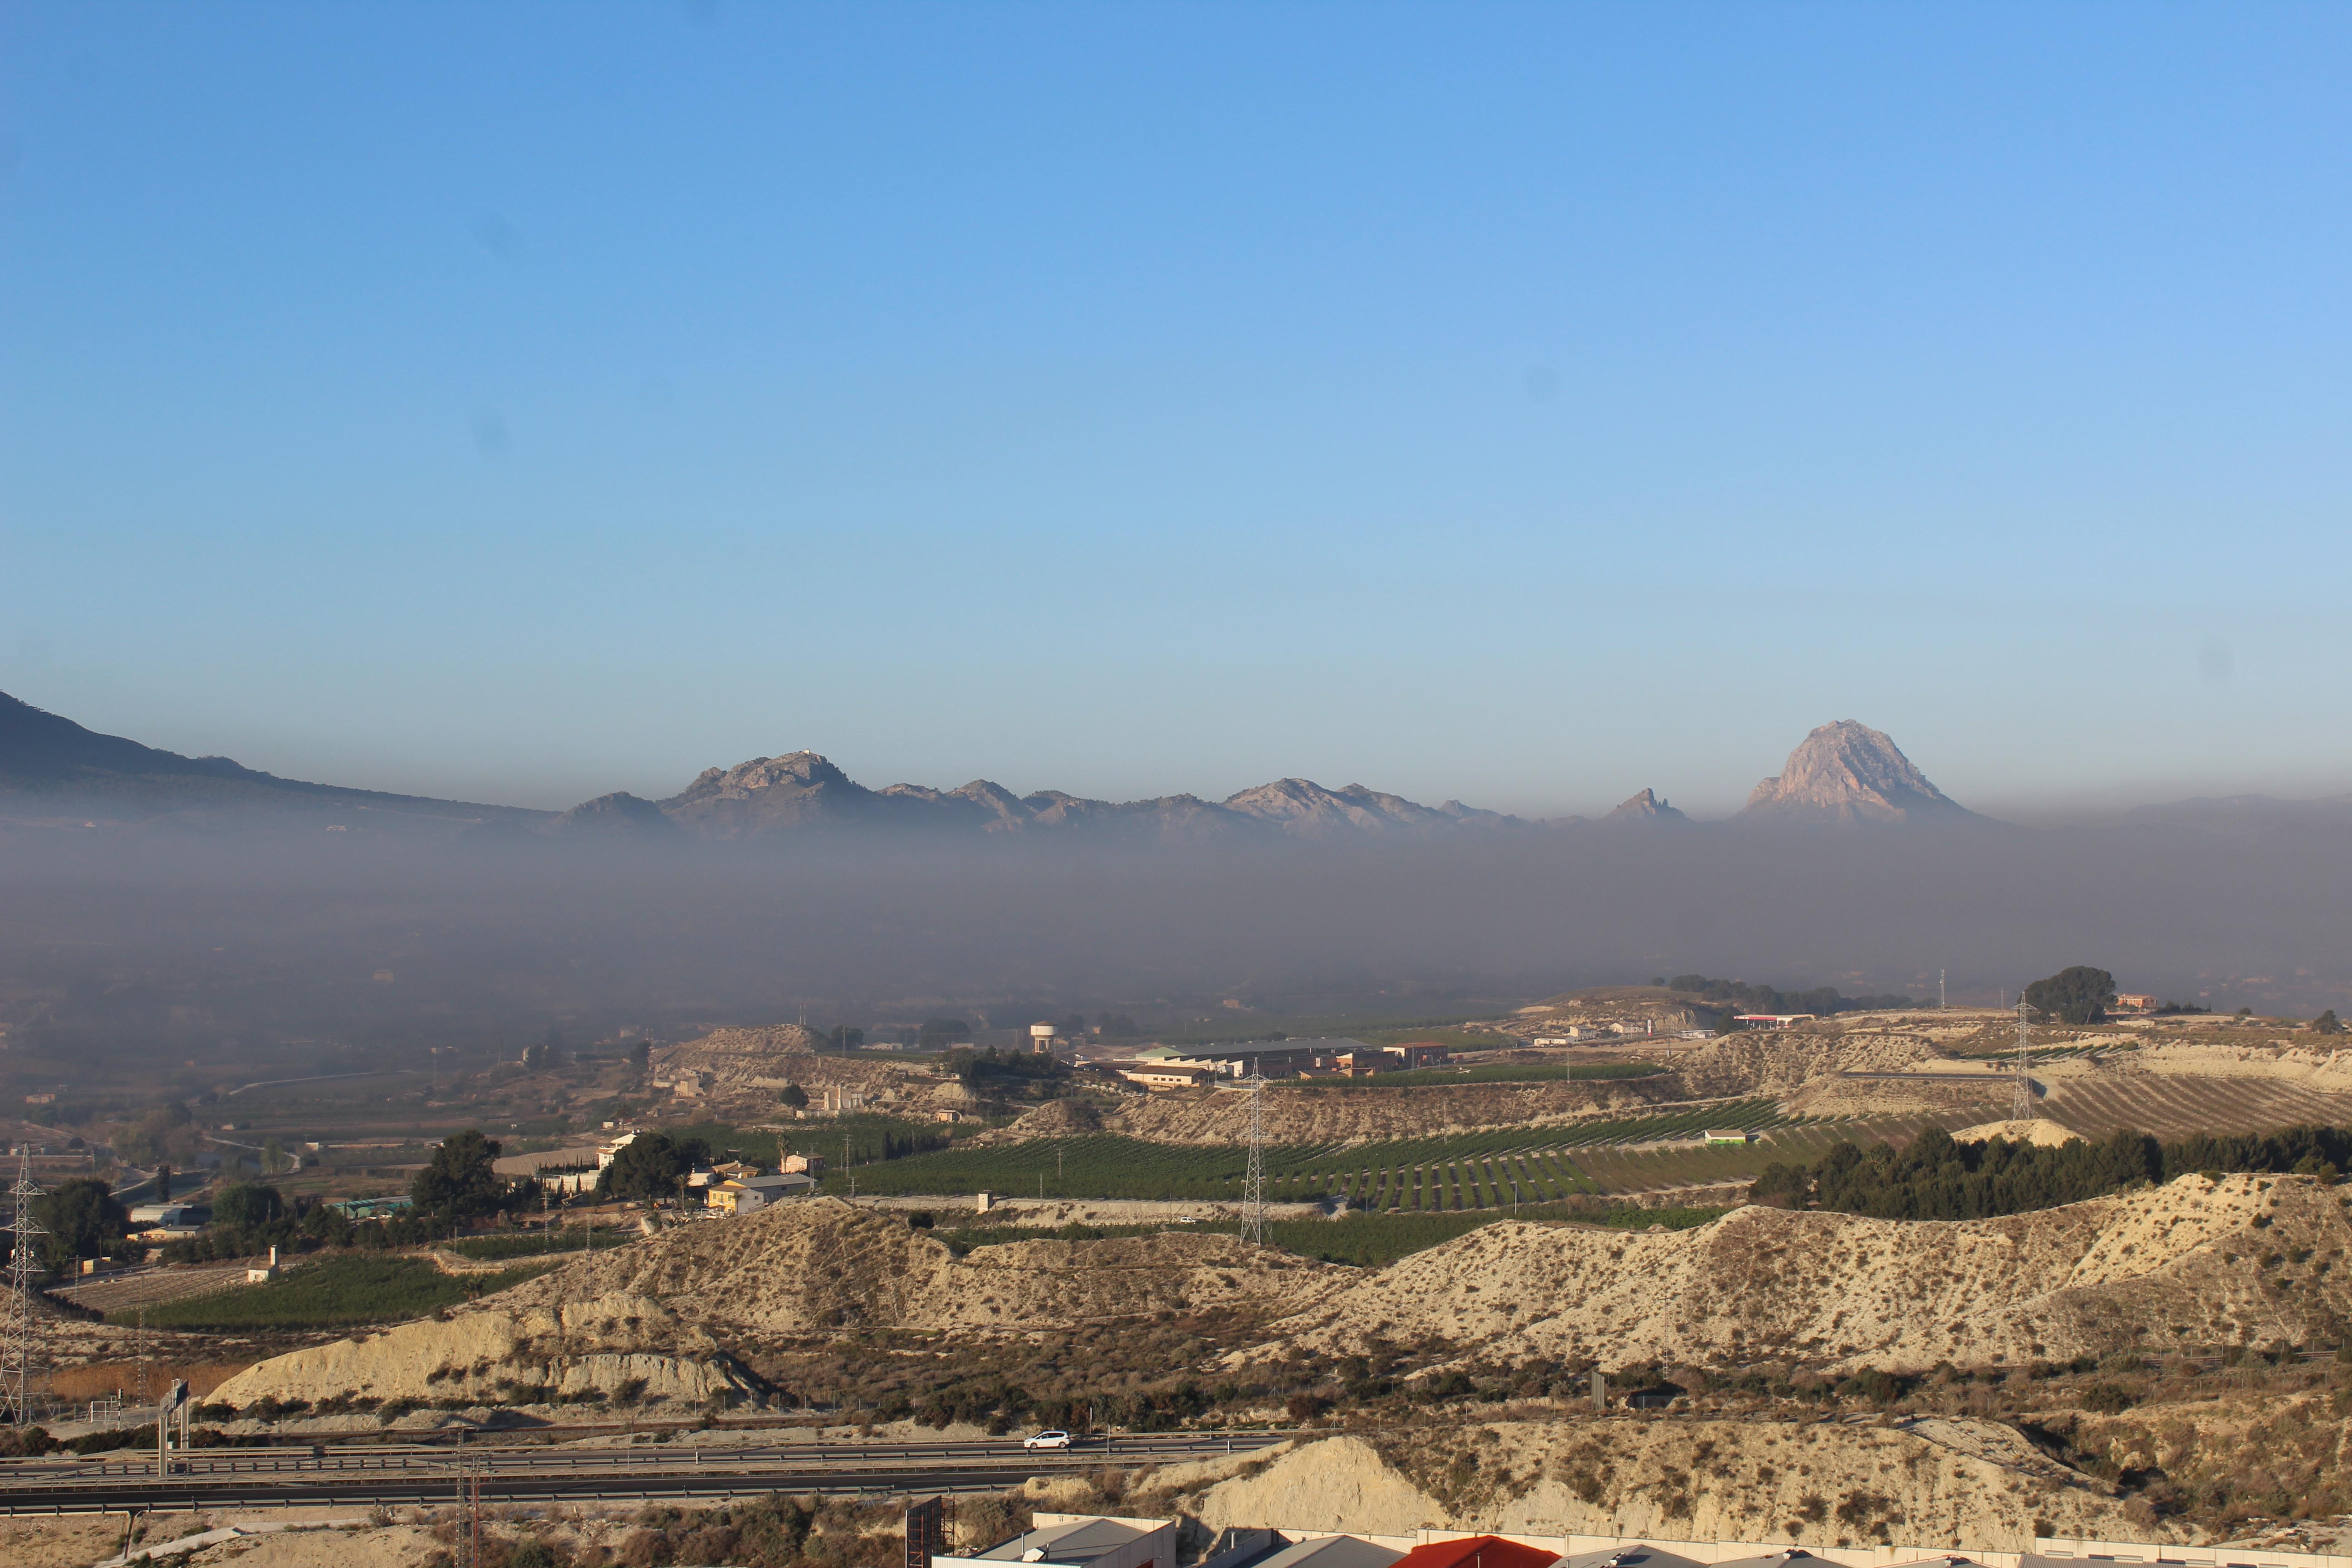 La localidad, bajo una nube de humo, el pasado 28 de marzo de 2019. Imagen: José Antonio Herrera Sánchez / EEA